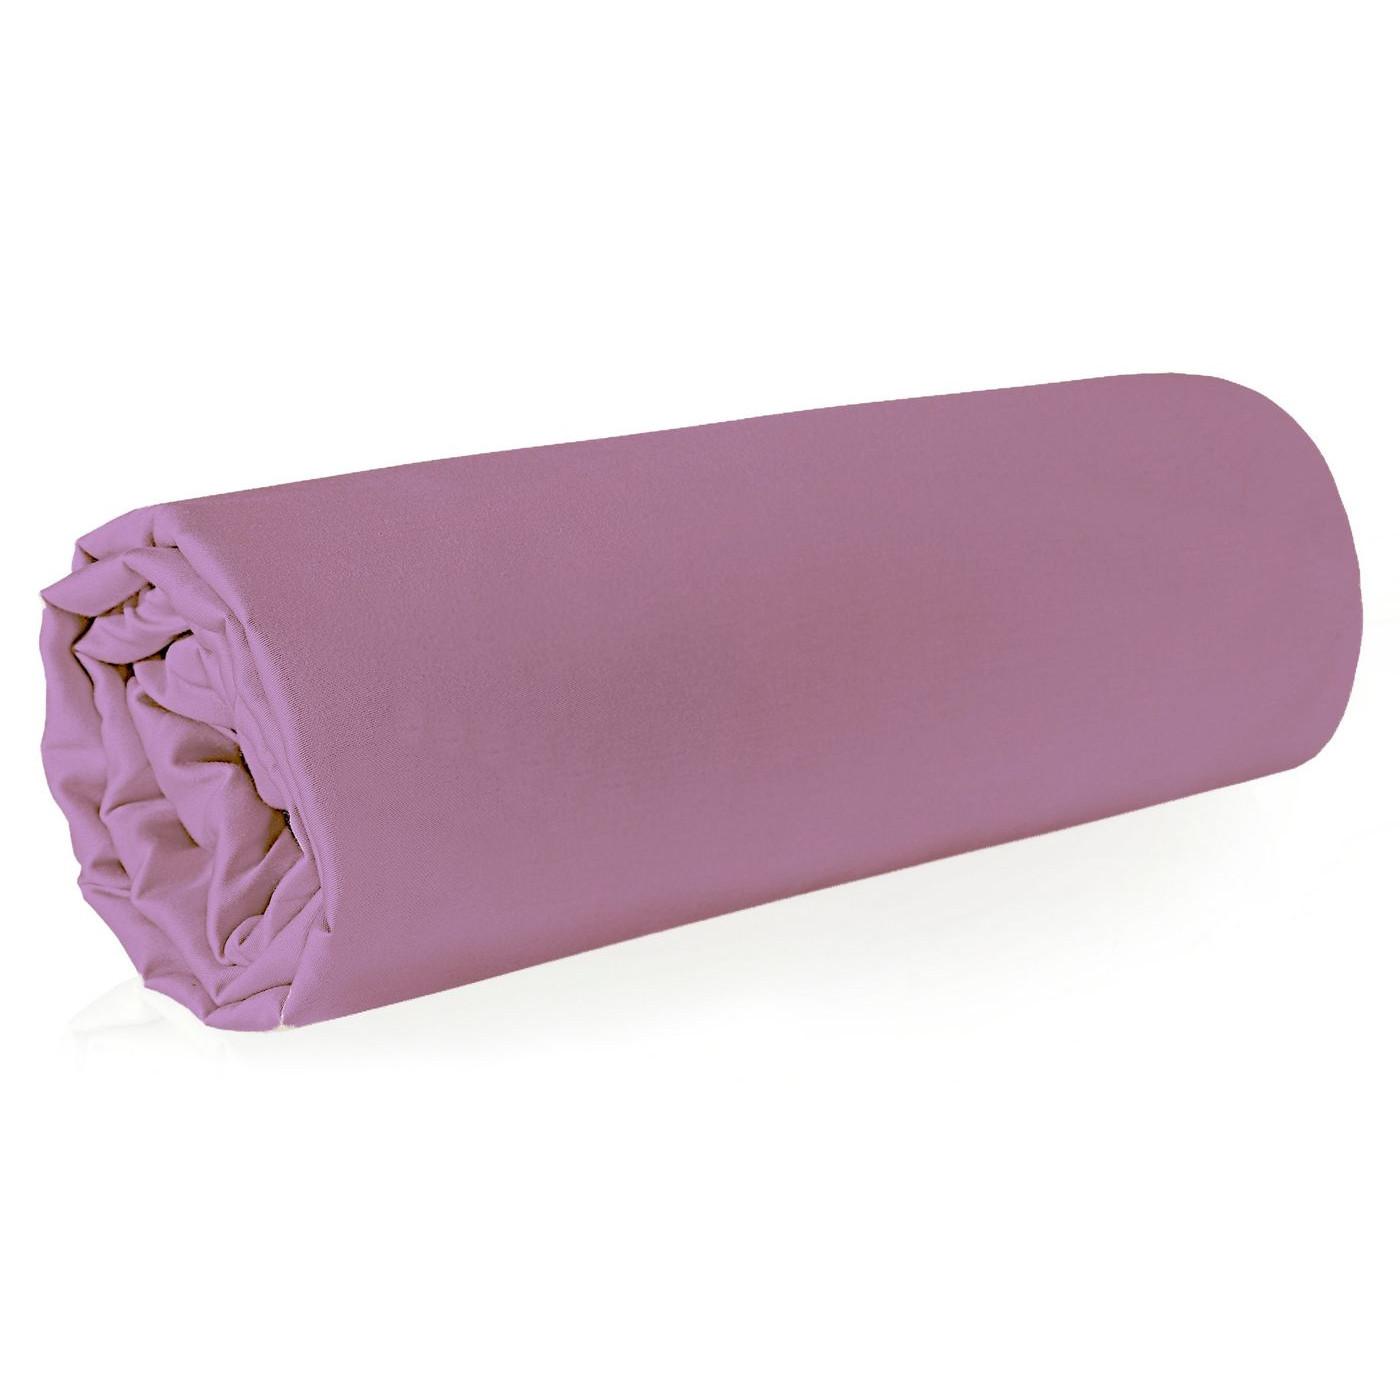 Prześcieradło z makosatyny gładkie 220x210 kolor różowy